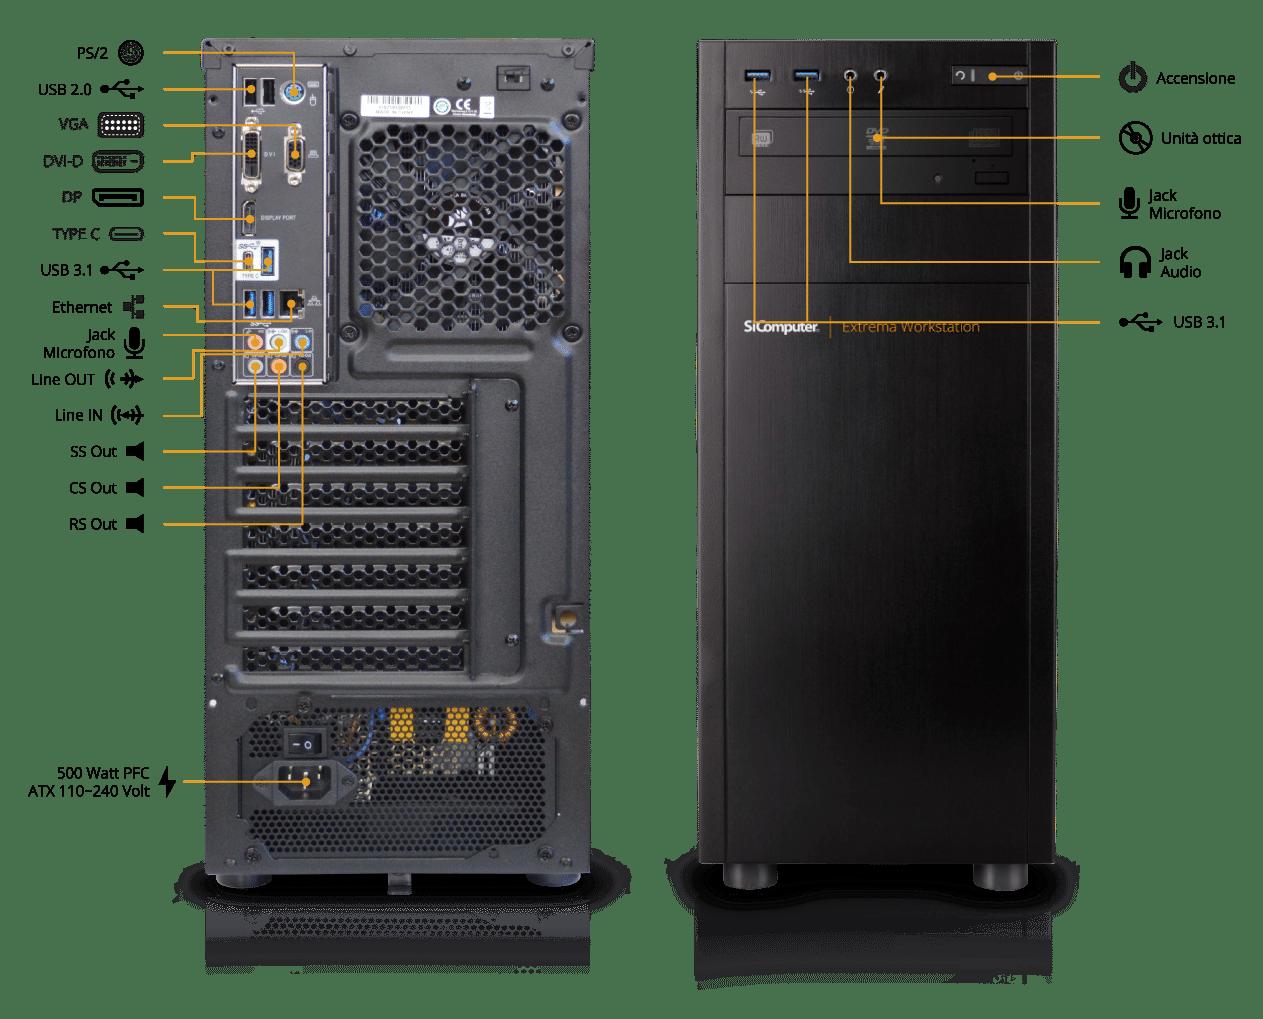 Extrema-Workstation-W200-Componenti